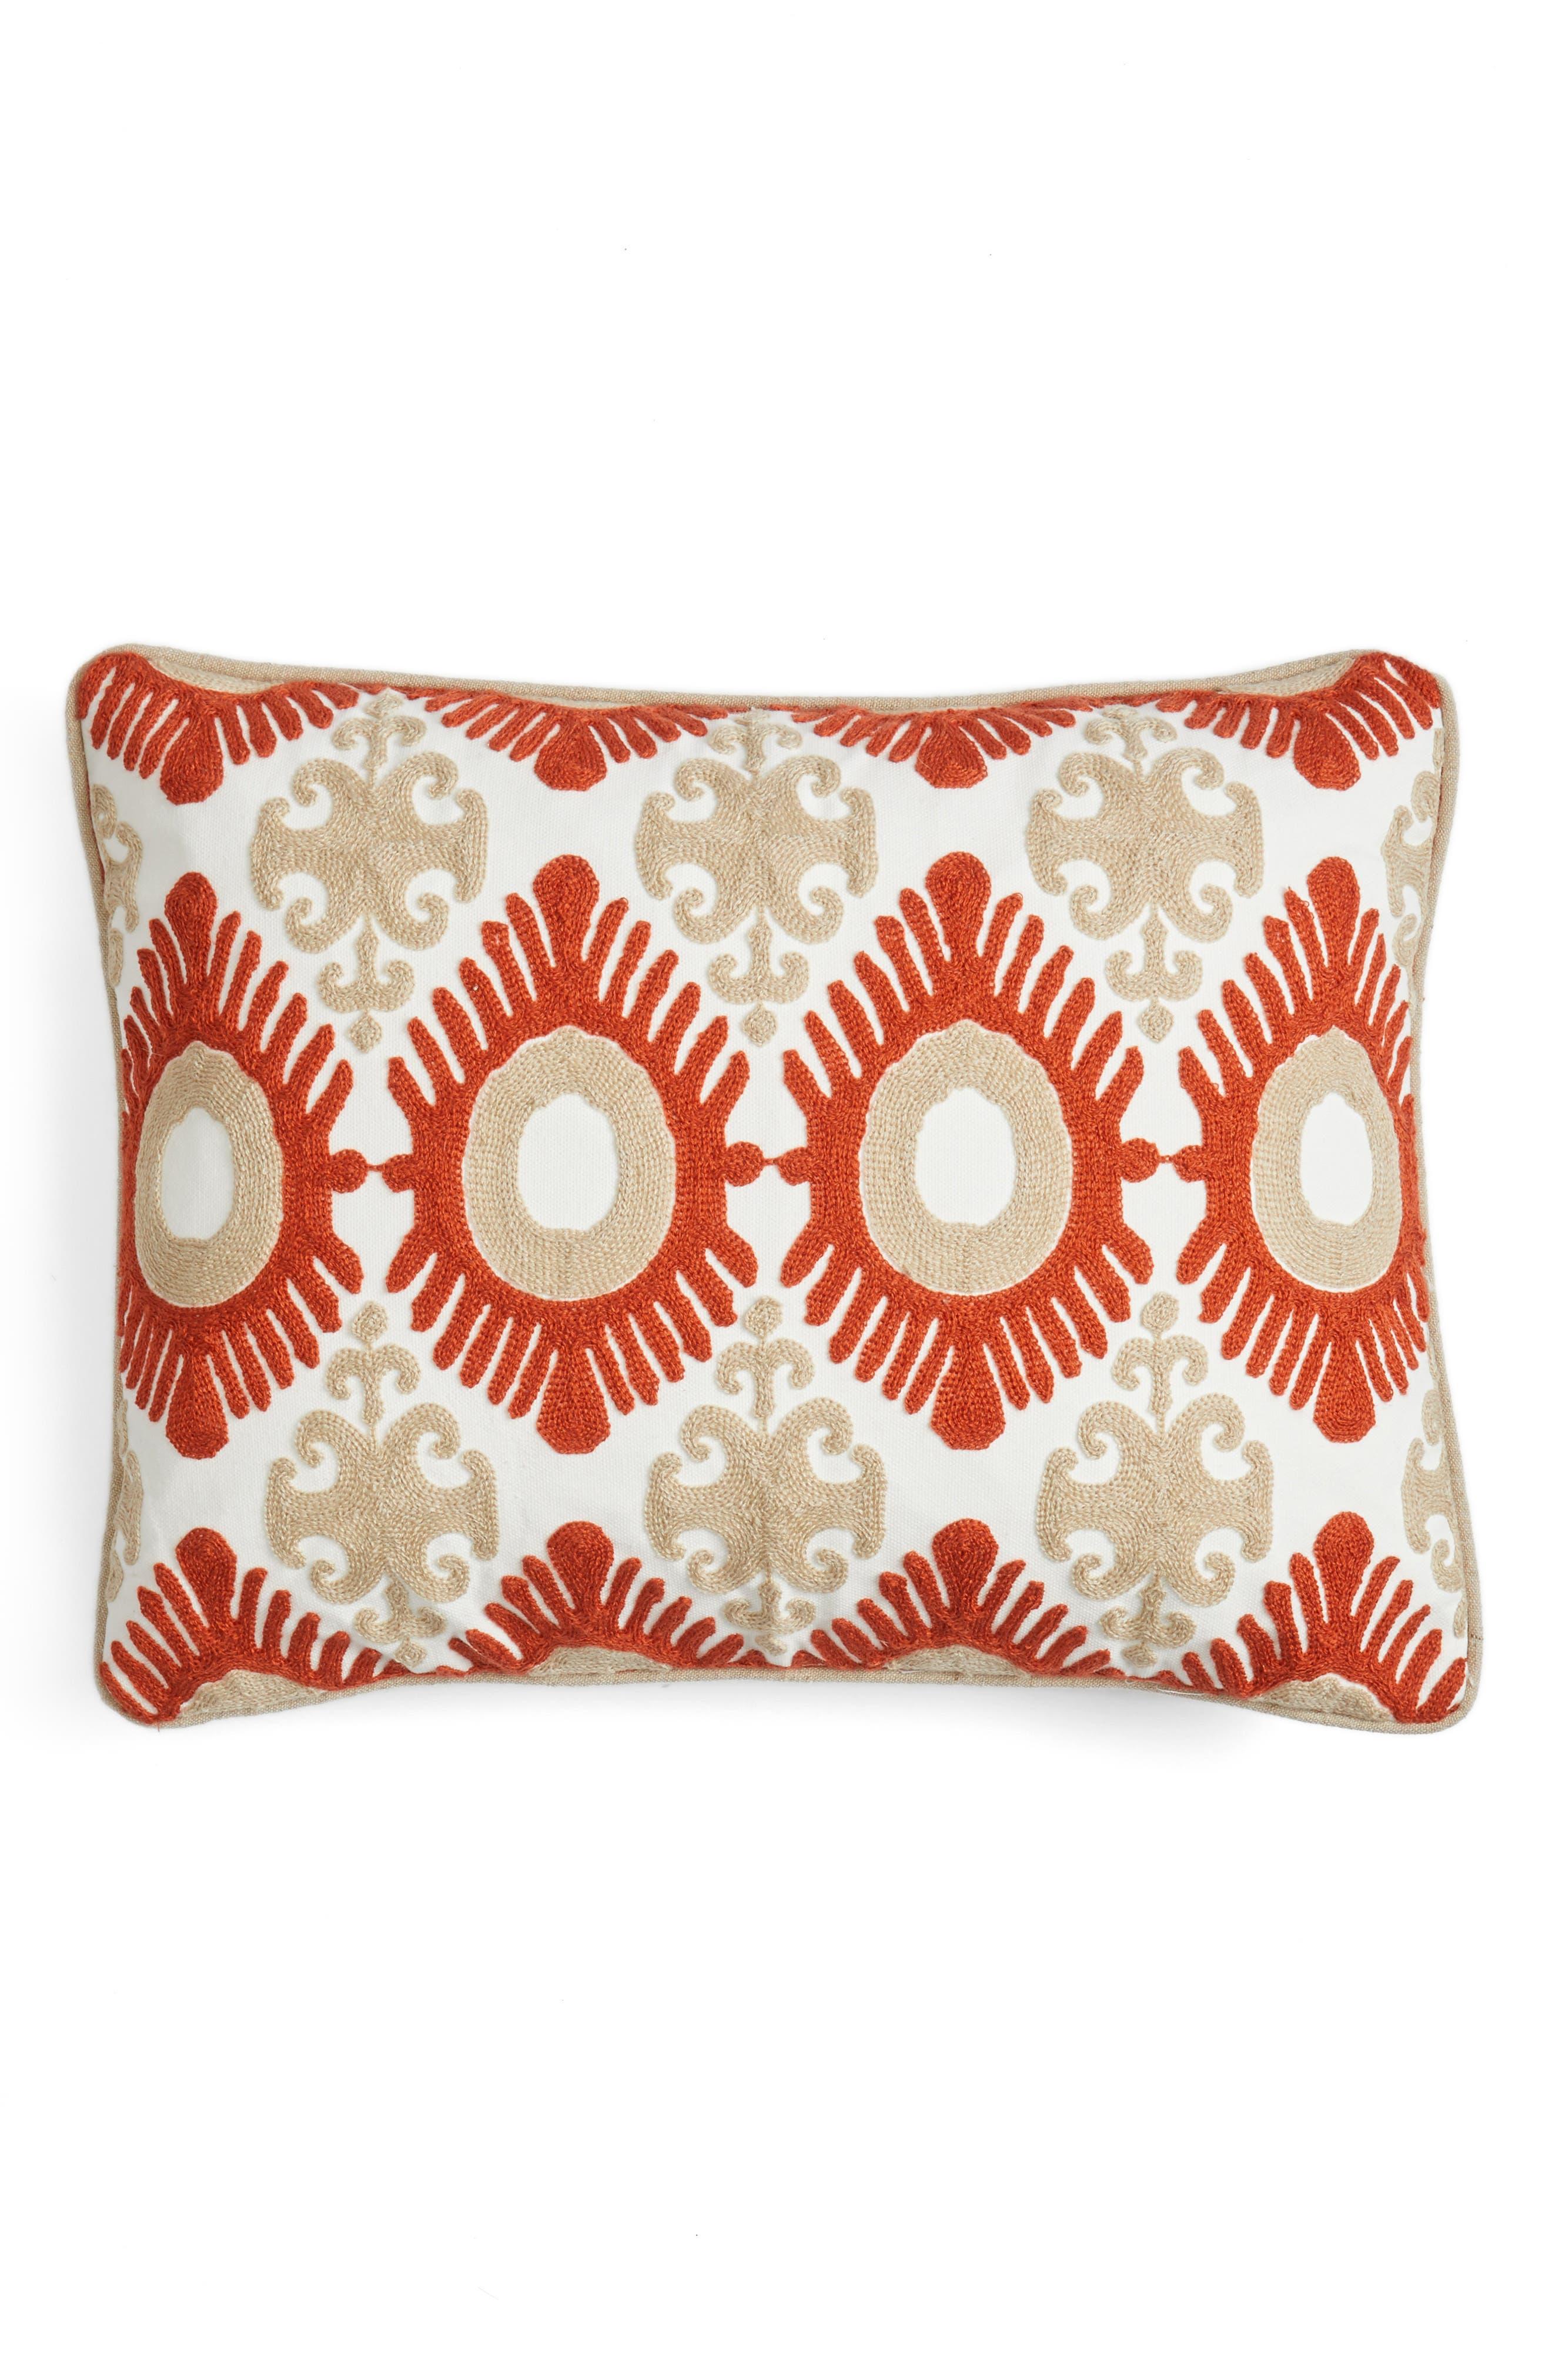 Levtex Fira Crewel Stitch Accent Pillow